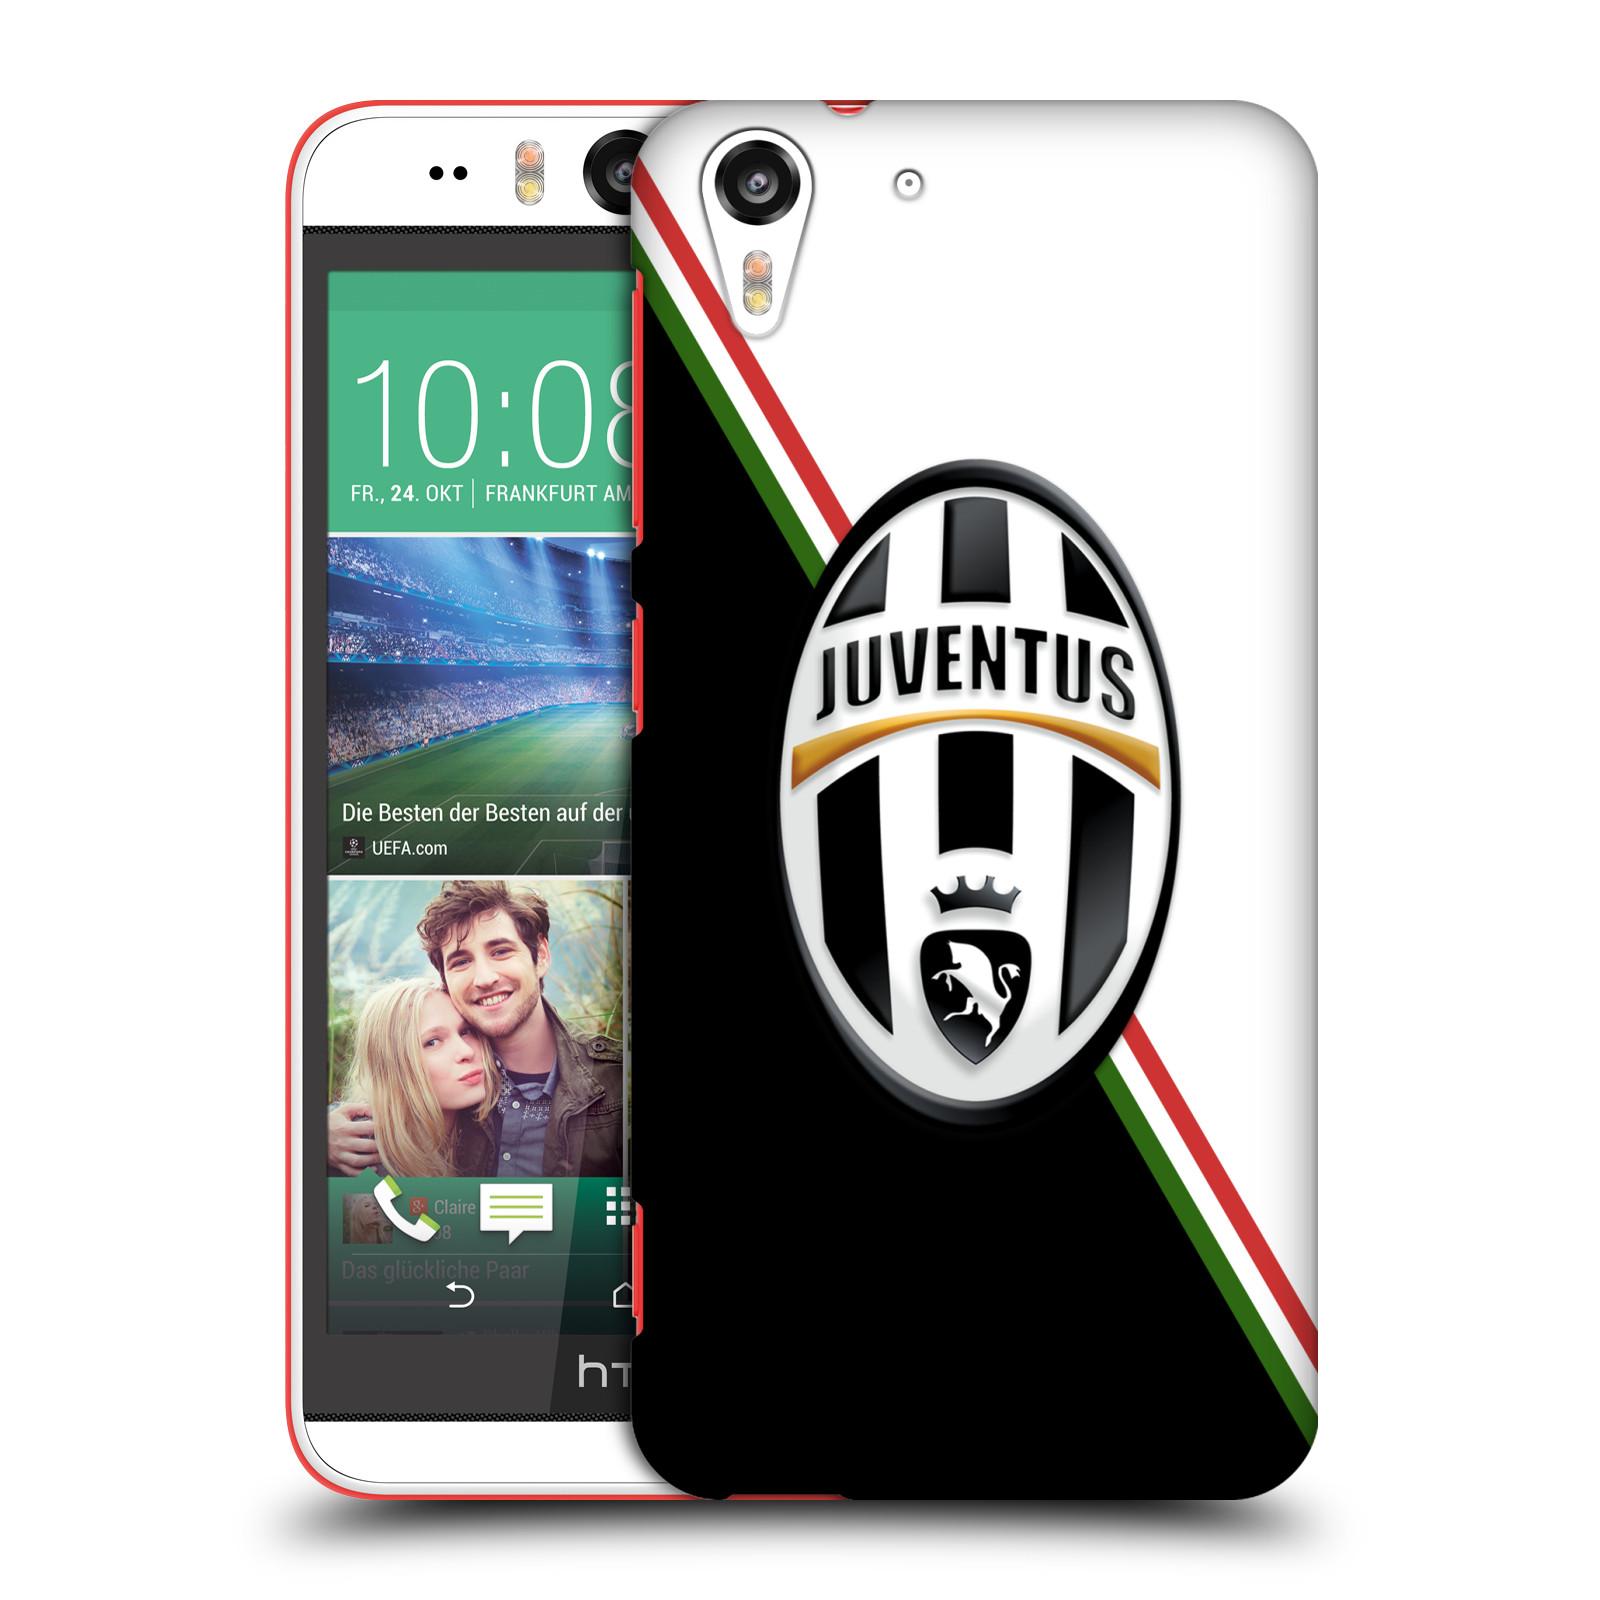 Plastové pouzdro na mobil HTC Desire EYE HEAD CASE Juventus FC - Black and White (Plastový kryt či obal na mobilní telefon Juventus FC Official pro HTC Desire EYE)